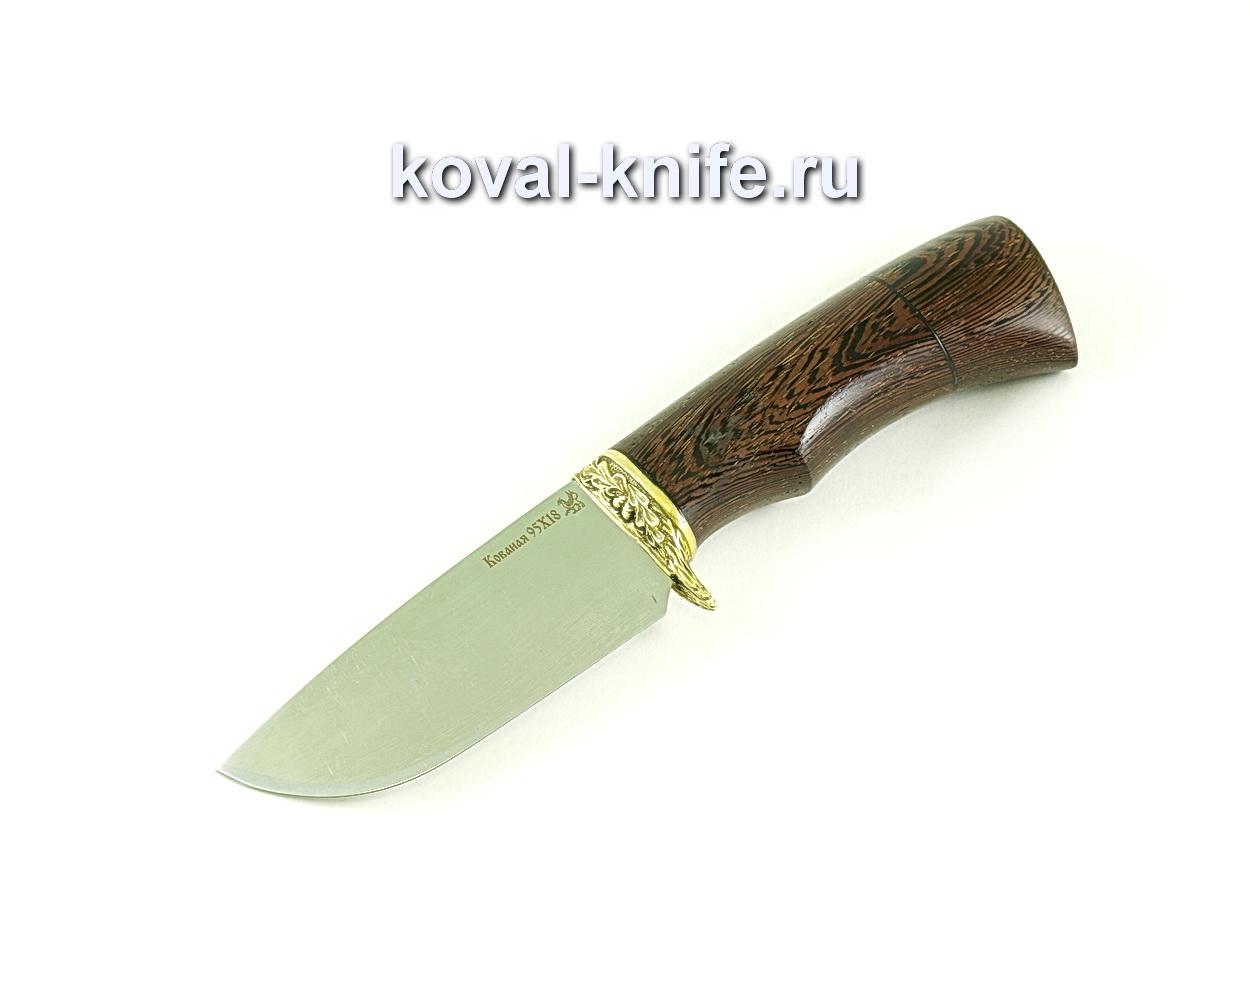 Нож Бобр (сталь 95х18), рукоять венге, литье A275